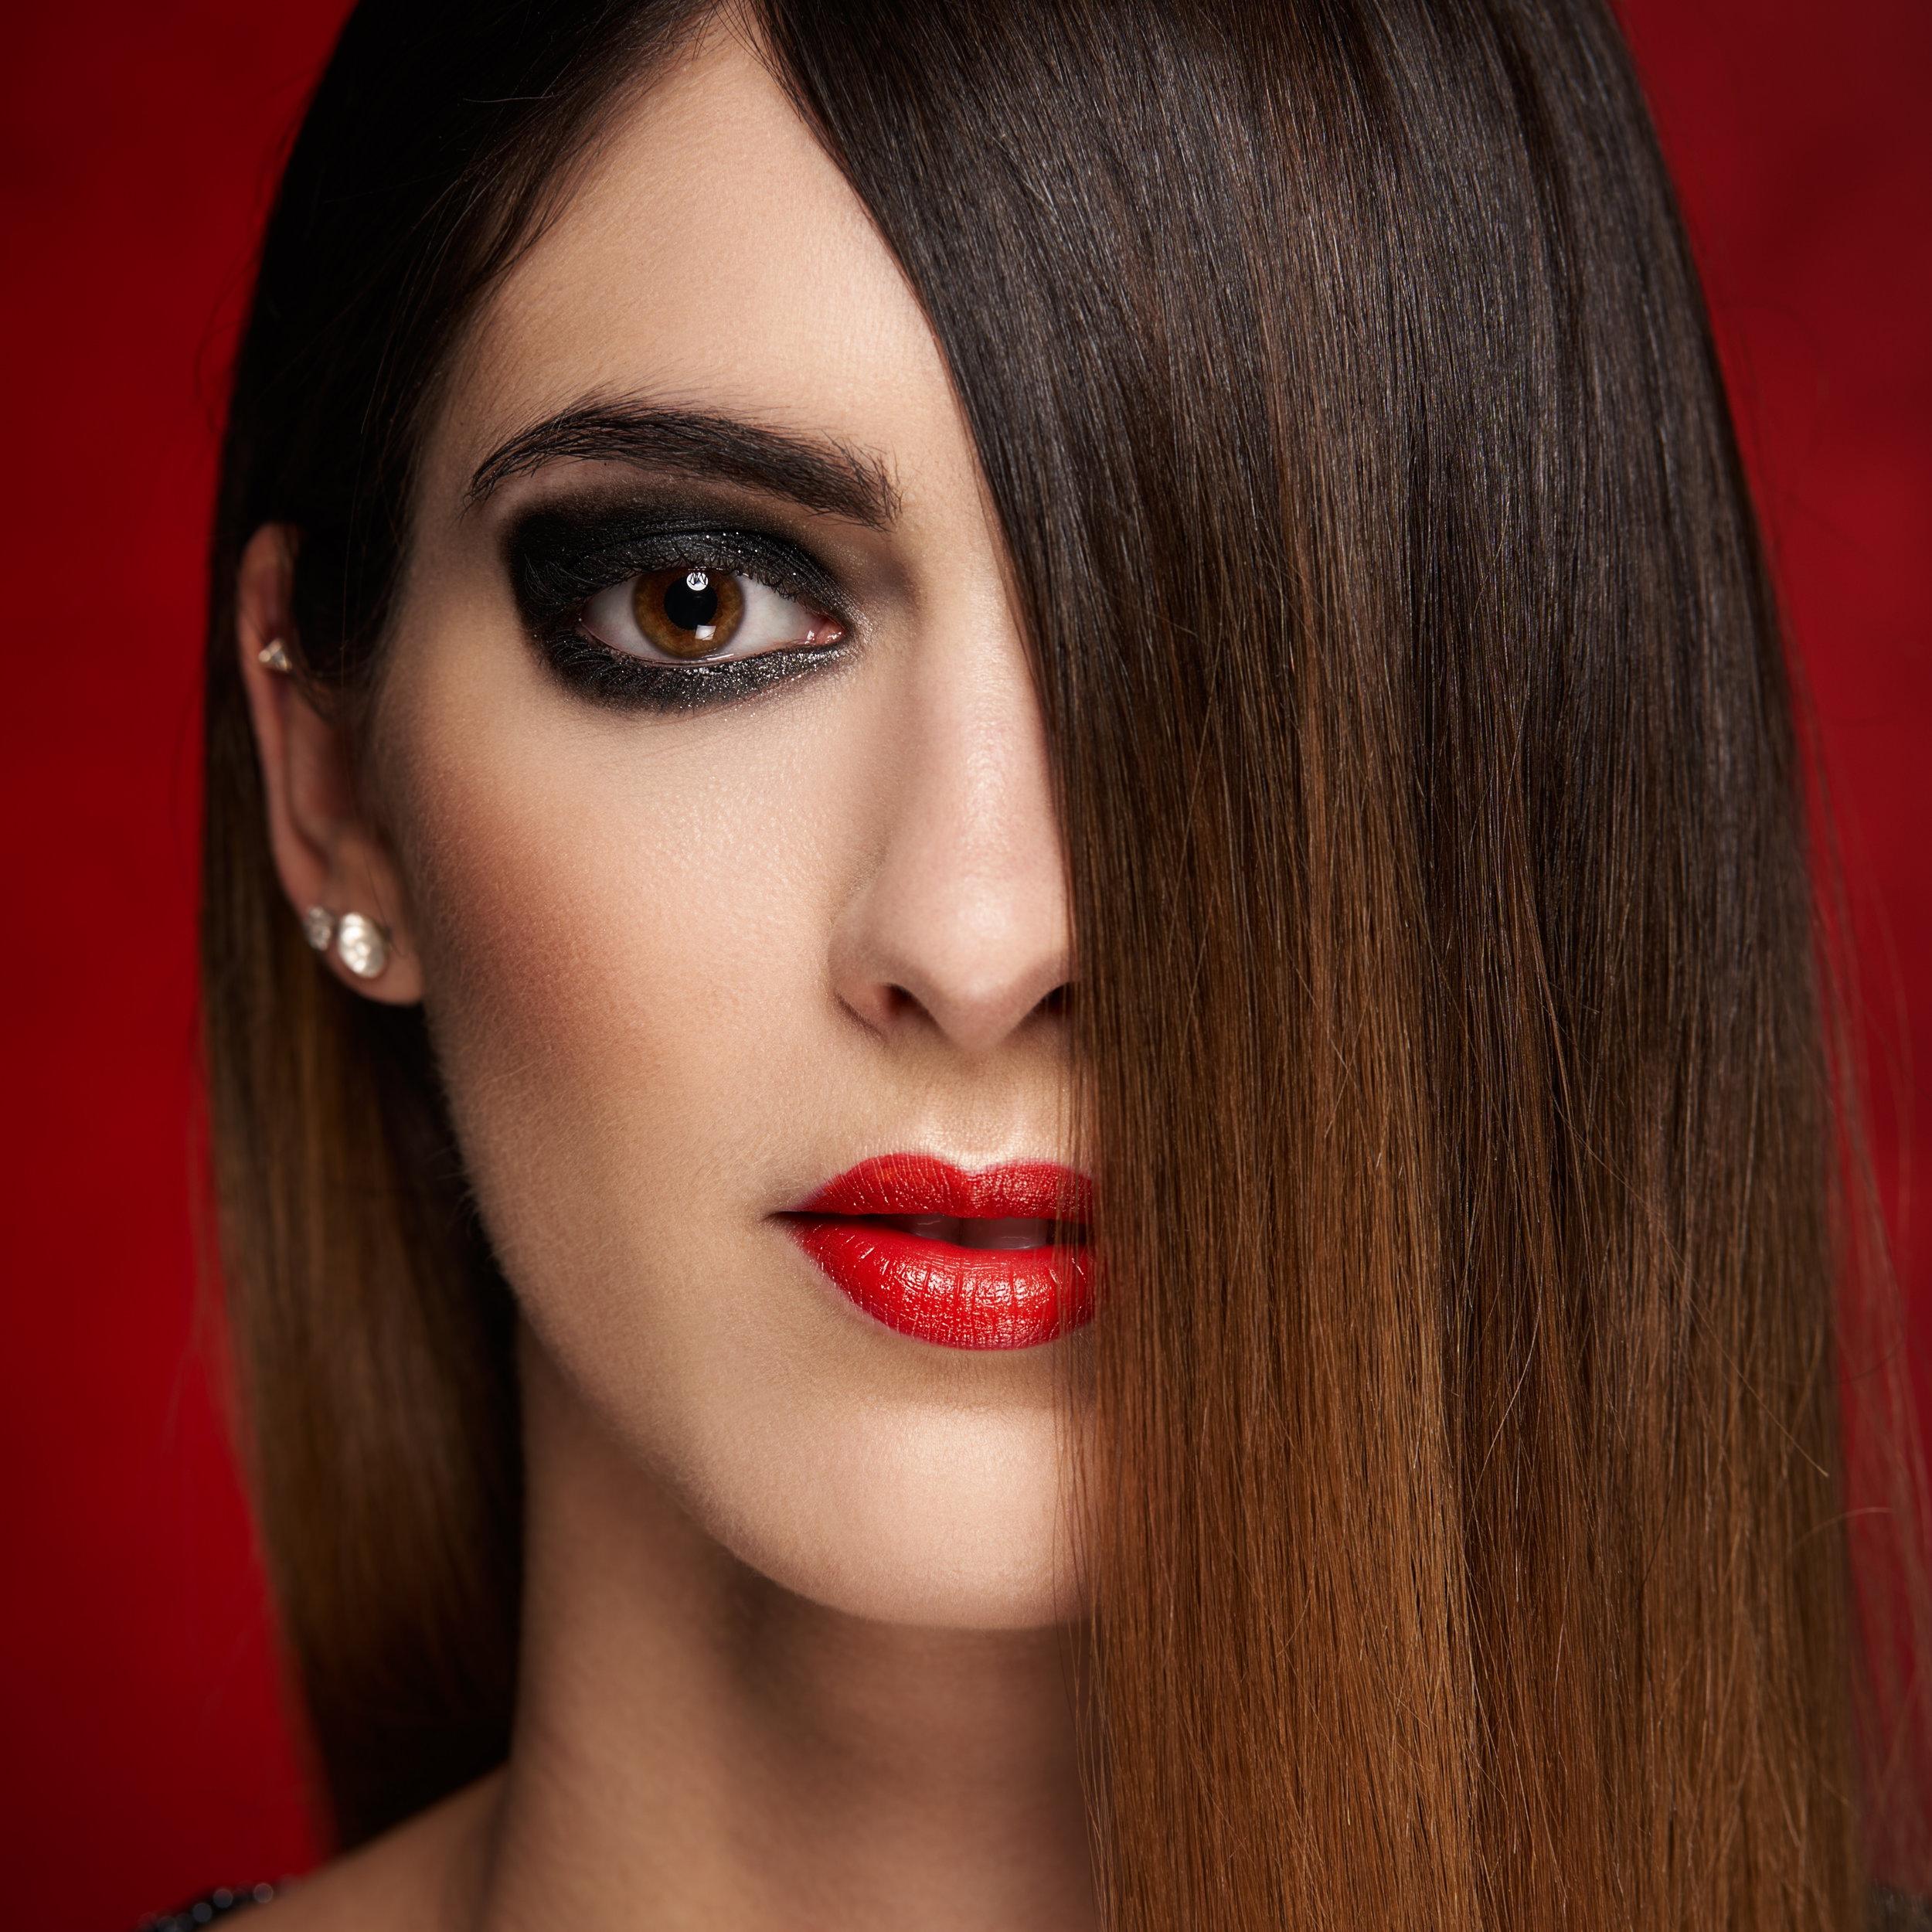 Model: Charlotte B. MUA: Poudre et Paillettes